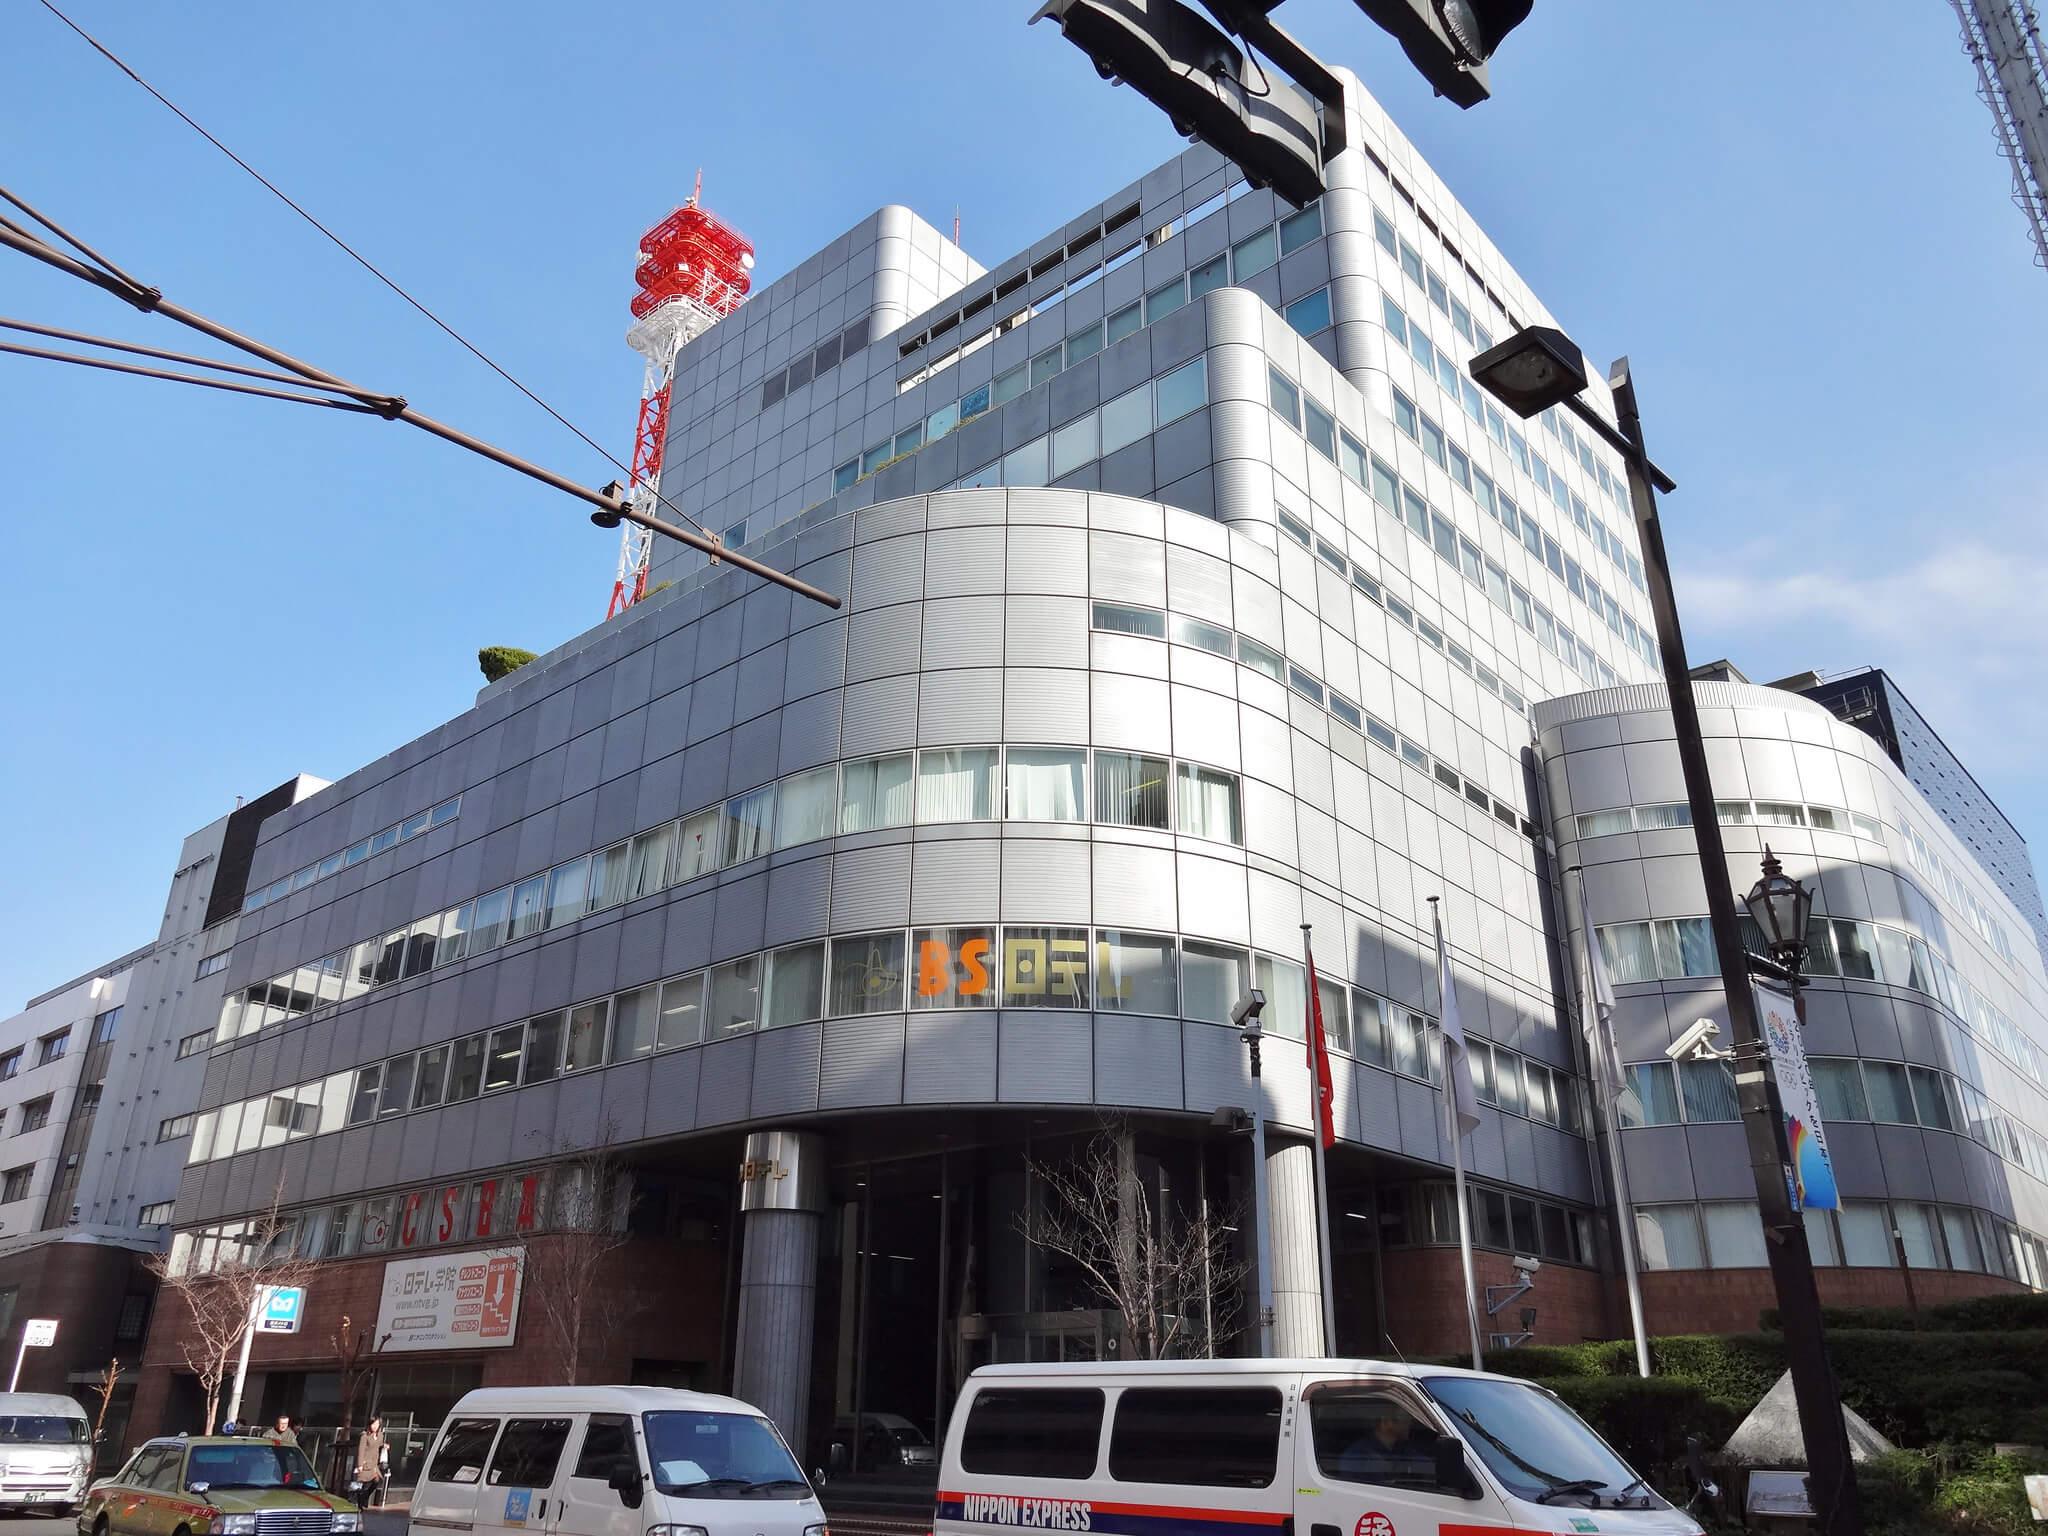 麹町(千代田区)で居抜きで飲食店を開業するための街情報